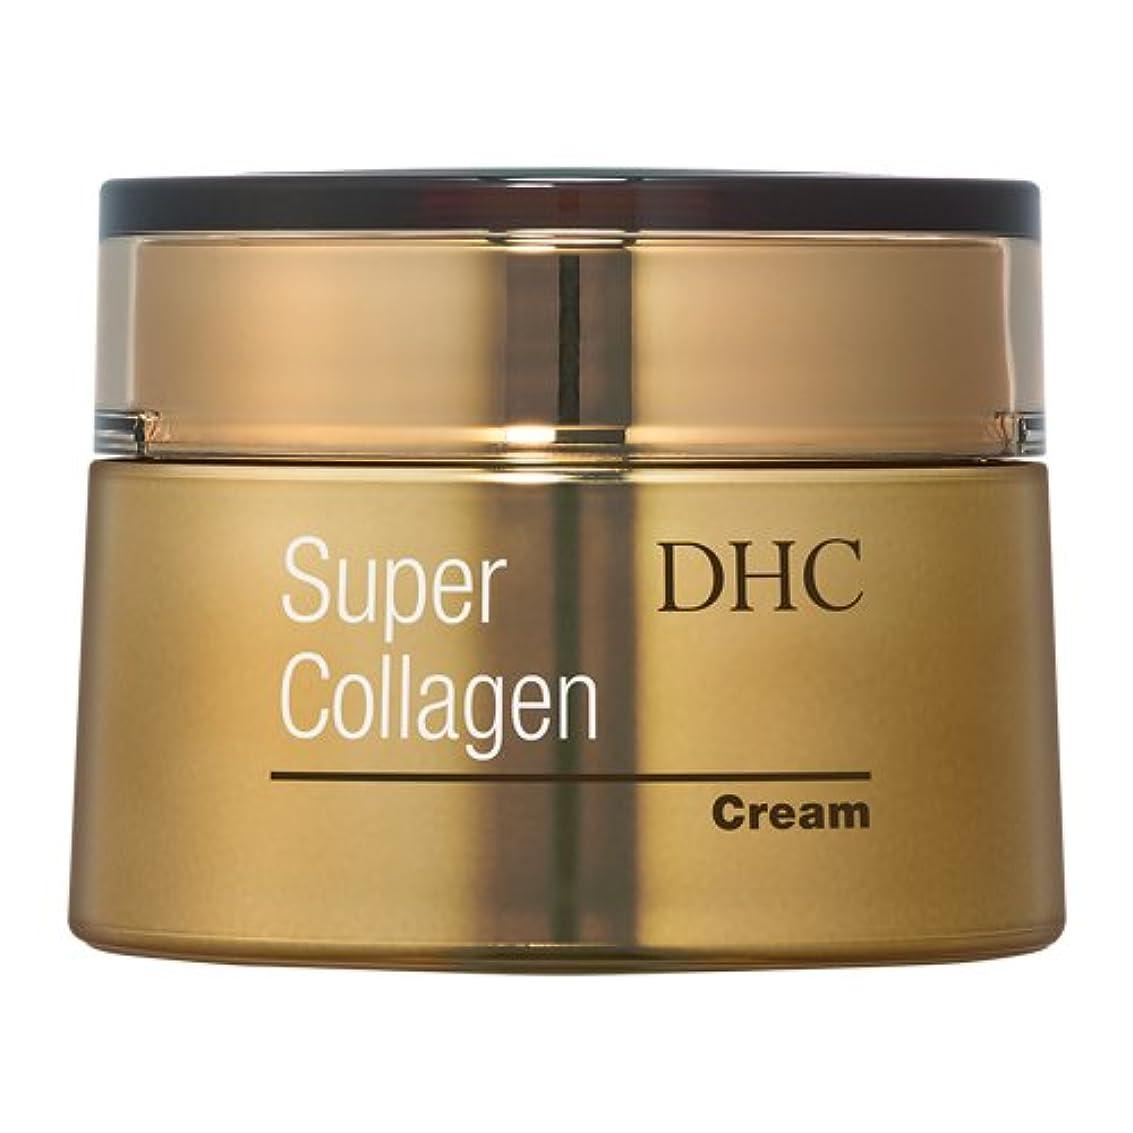 等ビルマ汚染DHCスーパーコラーゲン クリーム